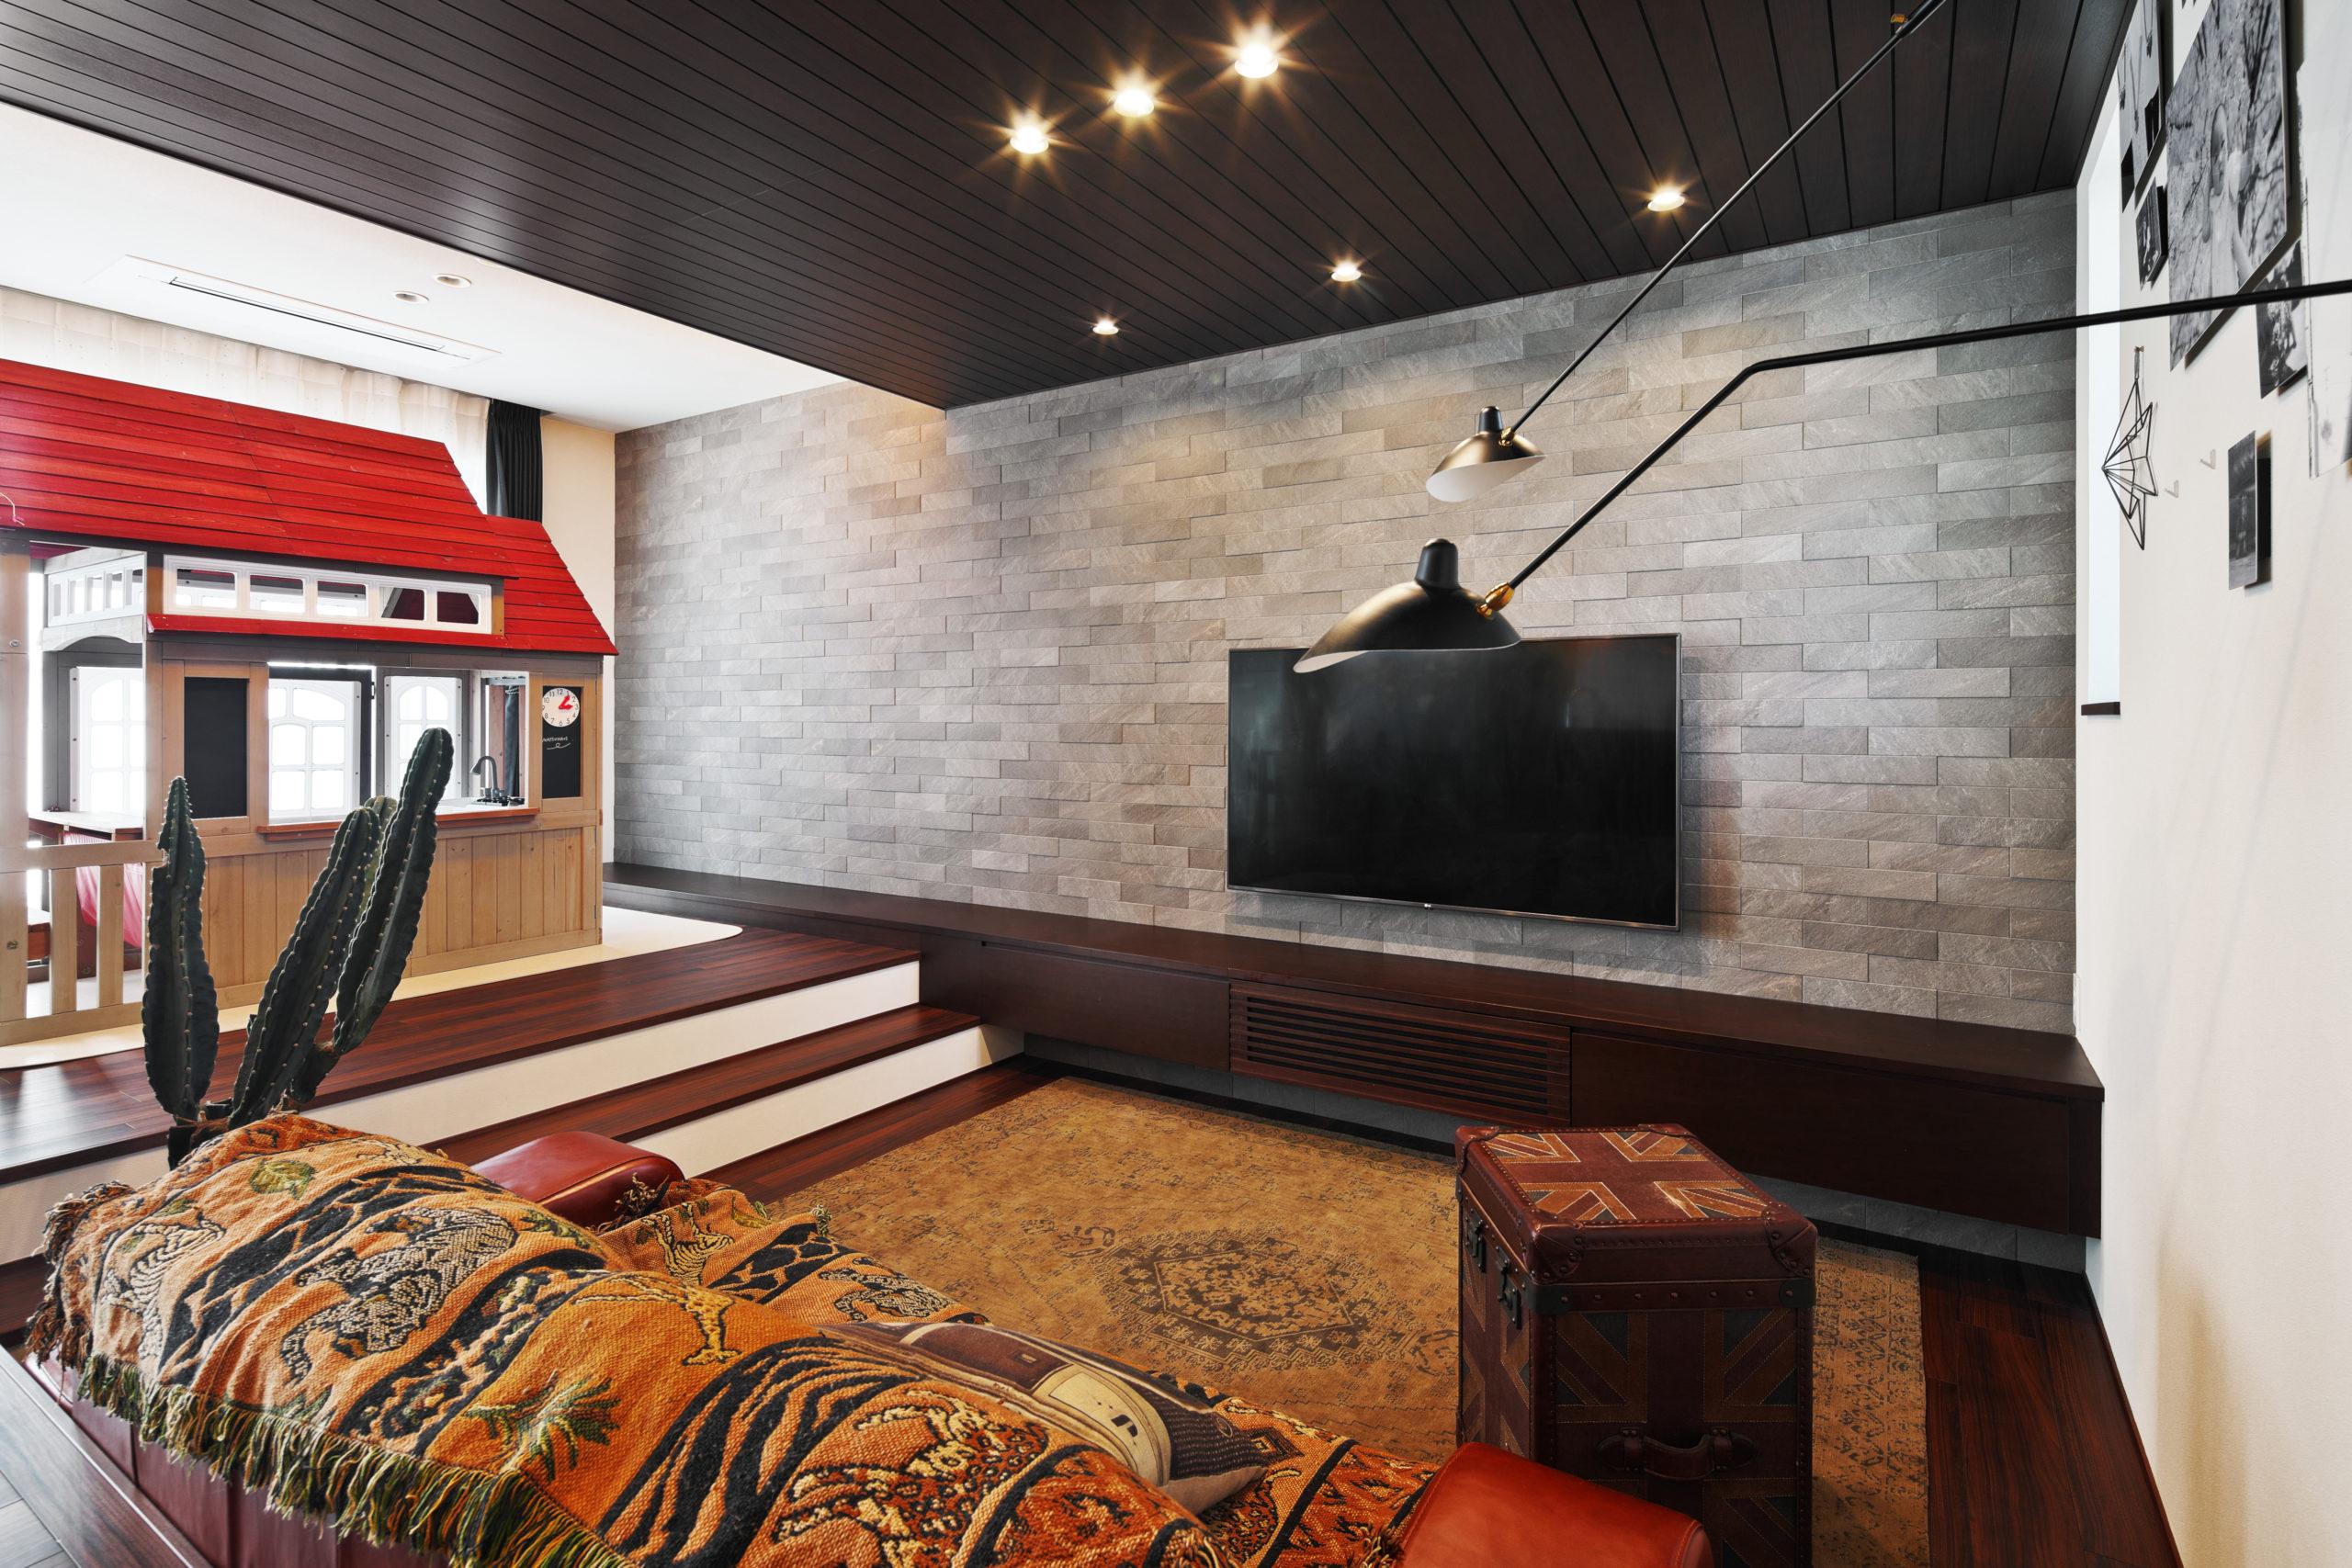 ダウンフロア廻りの家具や小物もブルックリンスタイルで統一されている